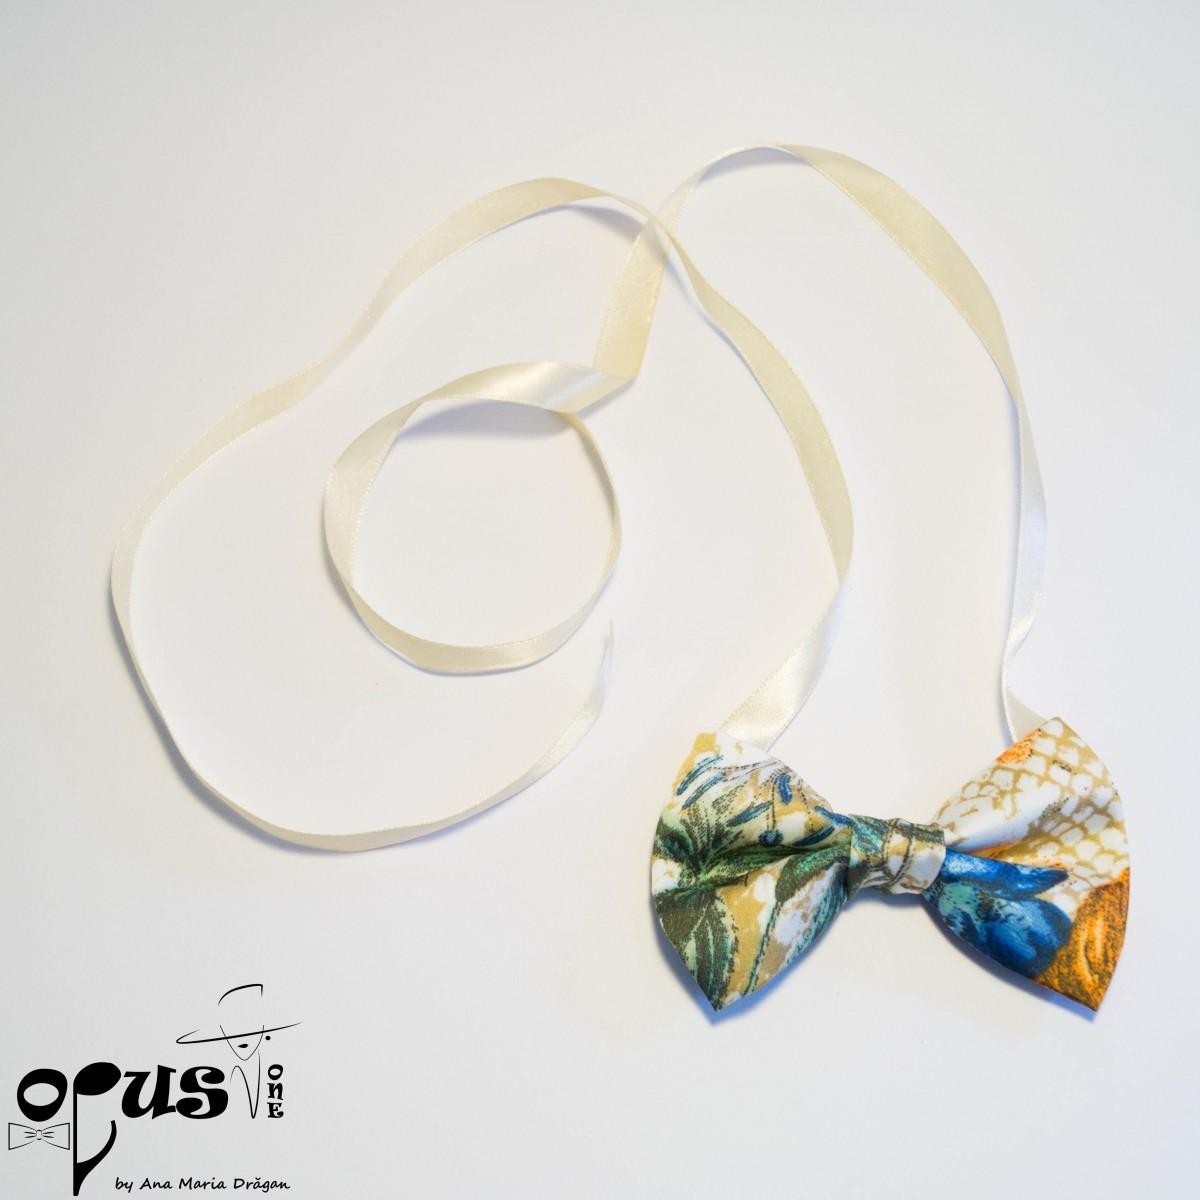 Papion Free-Tied Opus 13